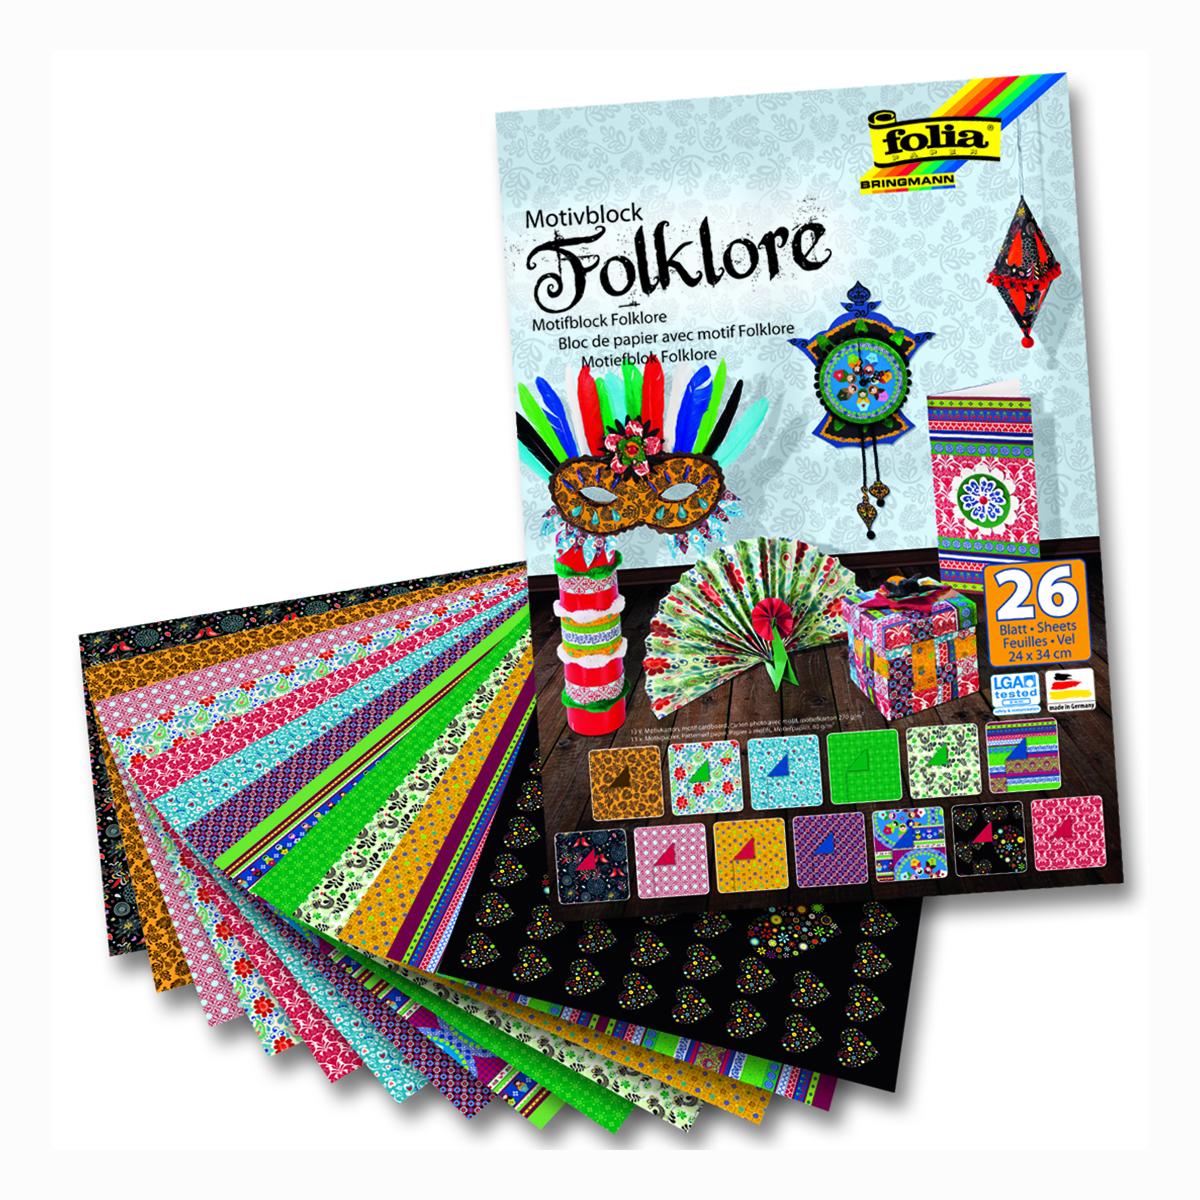 Набор дизайнерского картона Folia  Фольклор , 24 х 34 см, 26 листов -